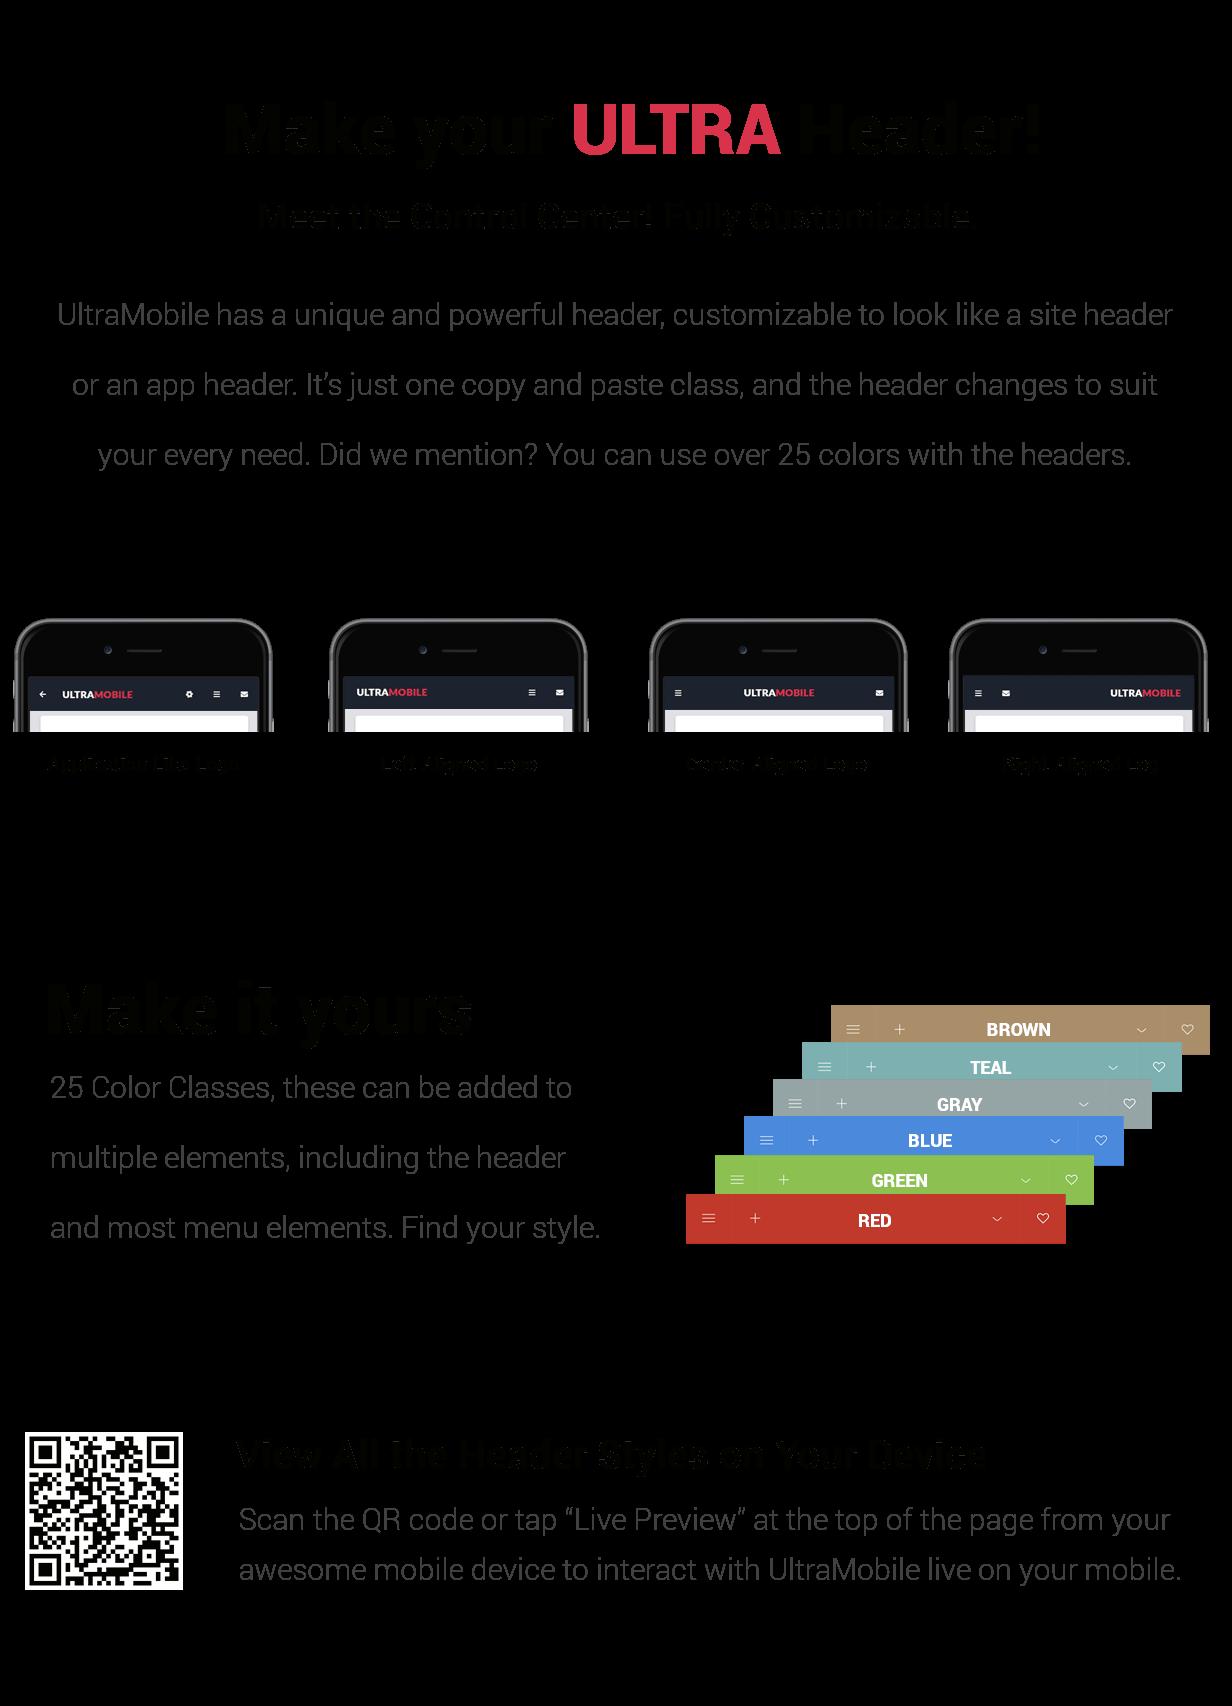 UltraMobile | PhoneGap & Cordova Mobile App - 15